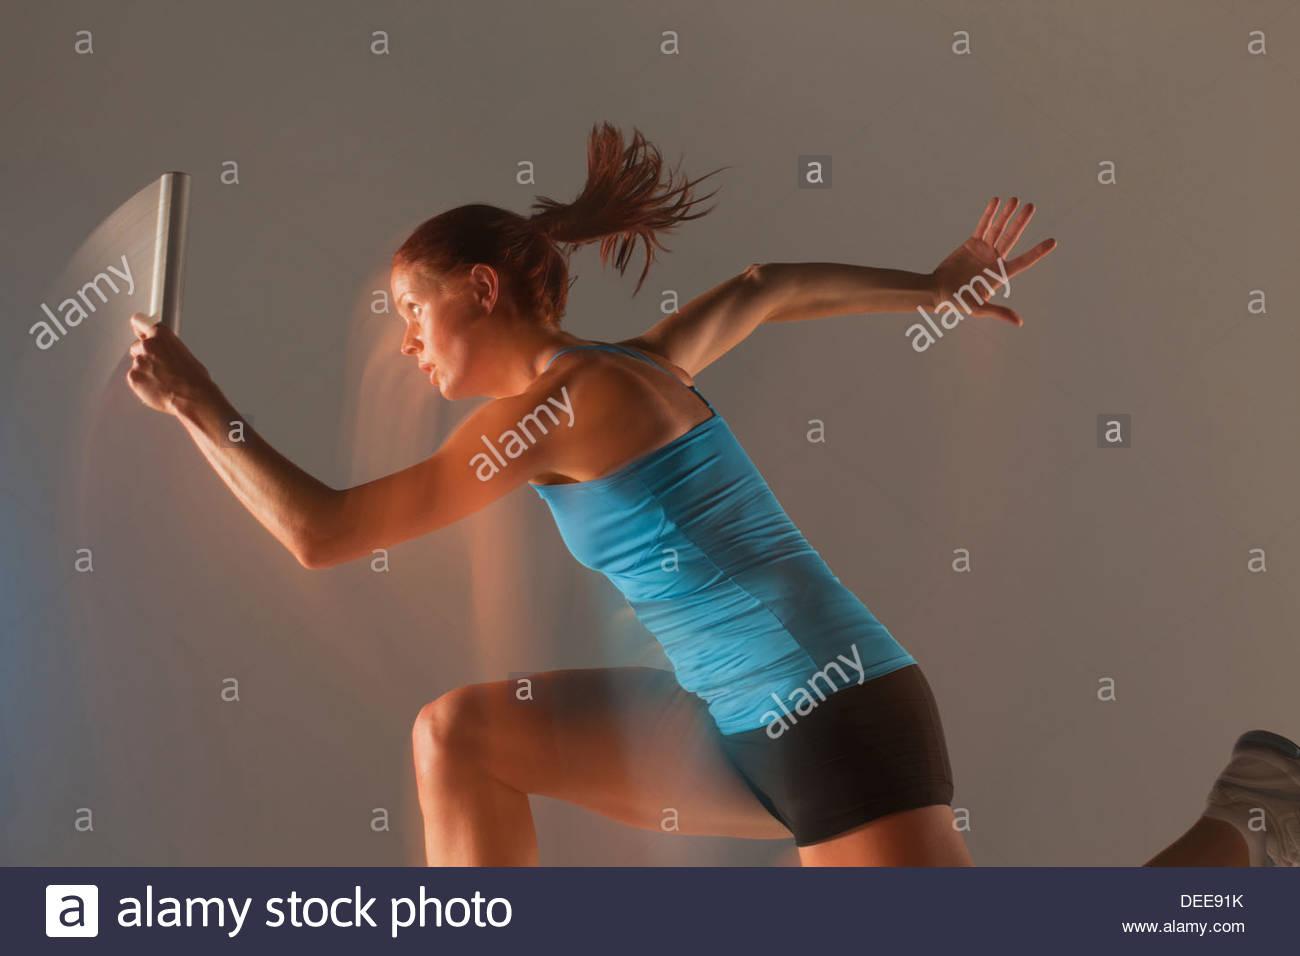 Vue brouillée de runner réalisation baton Photo Stock